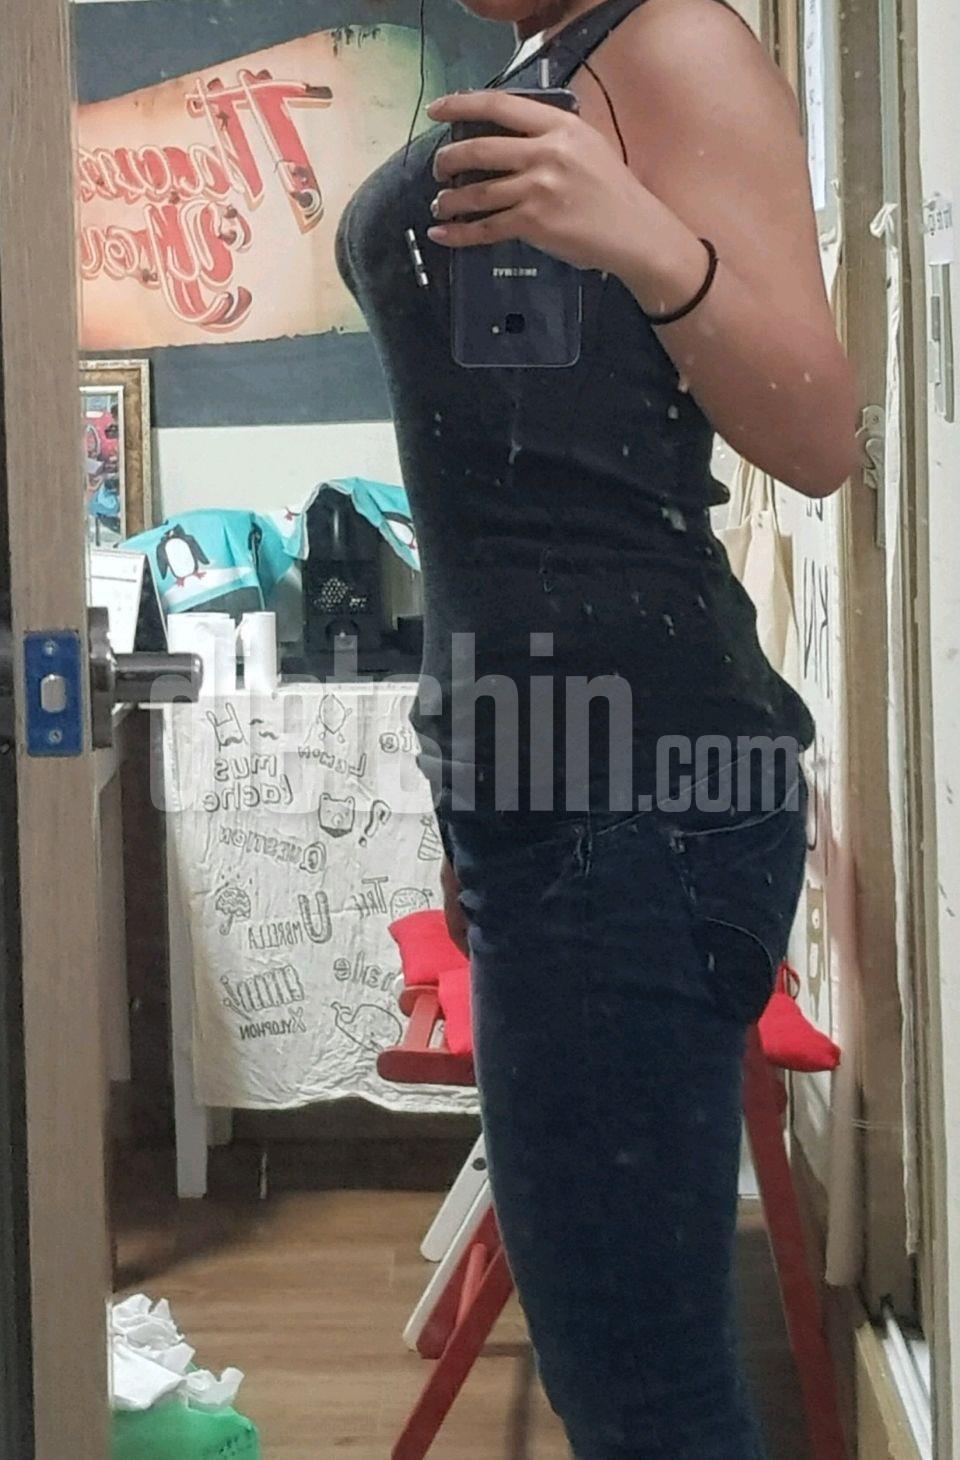 6개월간 79.8-&gt\;54kg 감량! 사진추가했어욥!